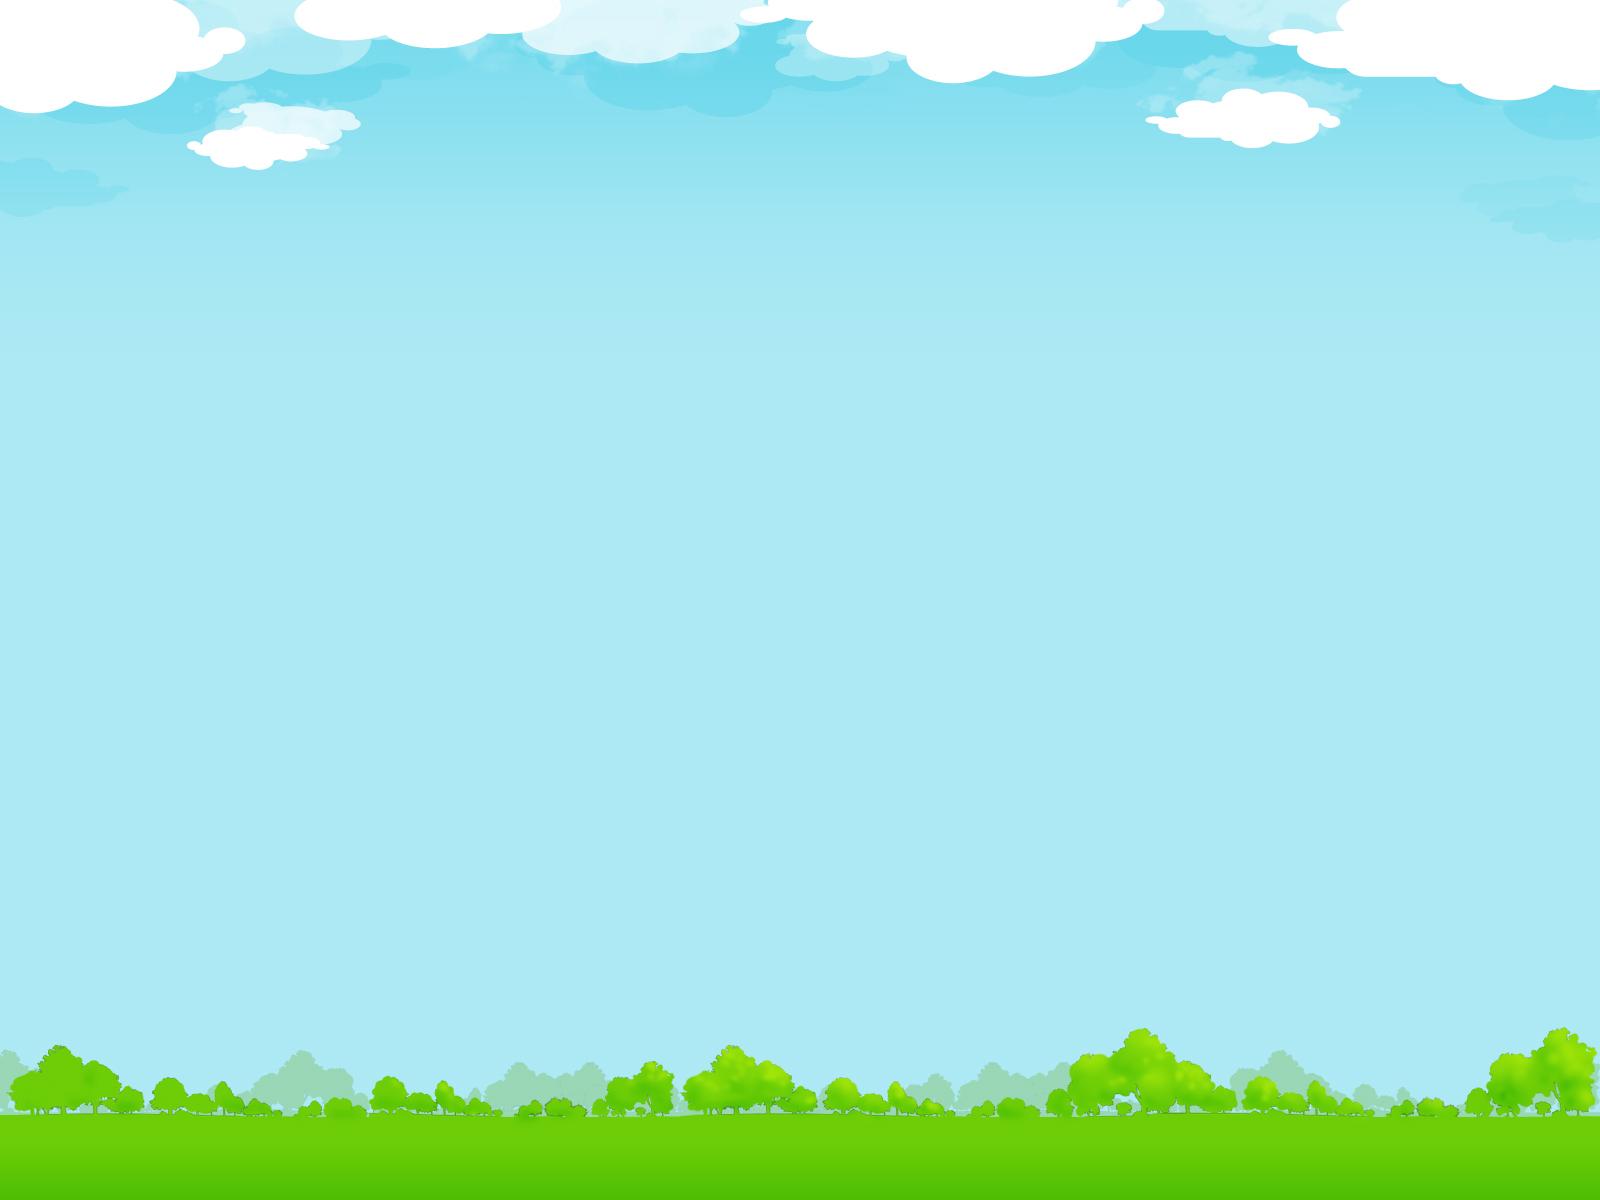 Hình nền cho PowerPoint rừng cây và bầu trời